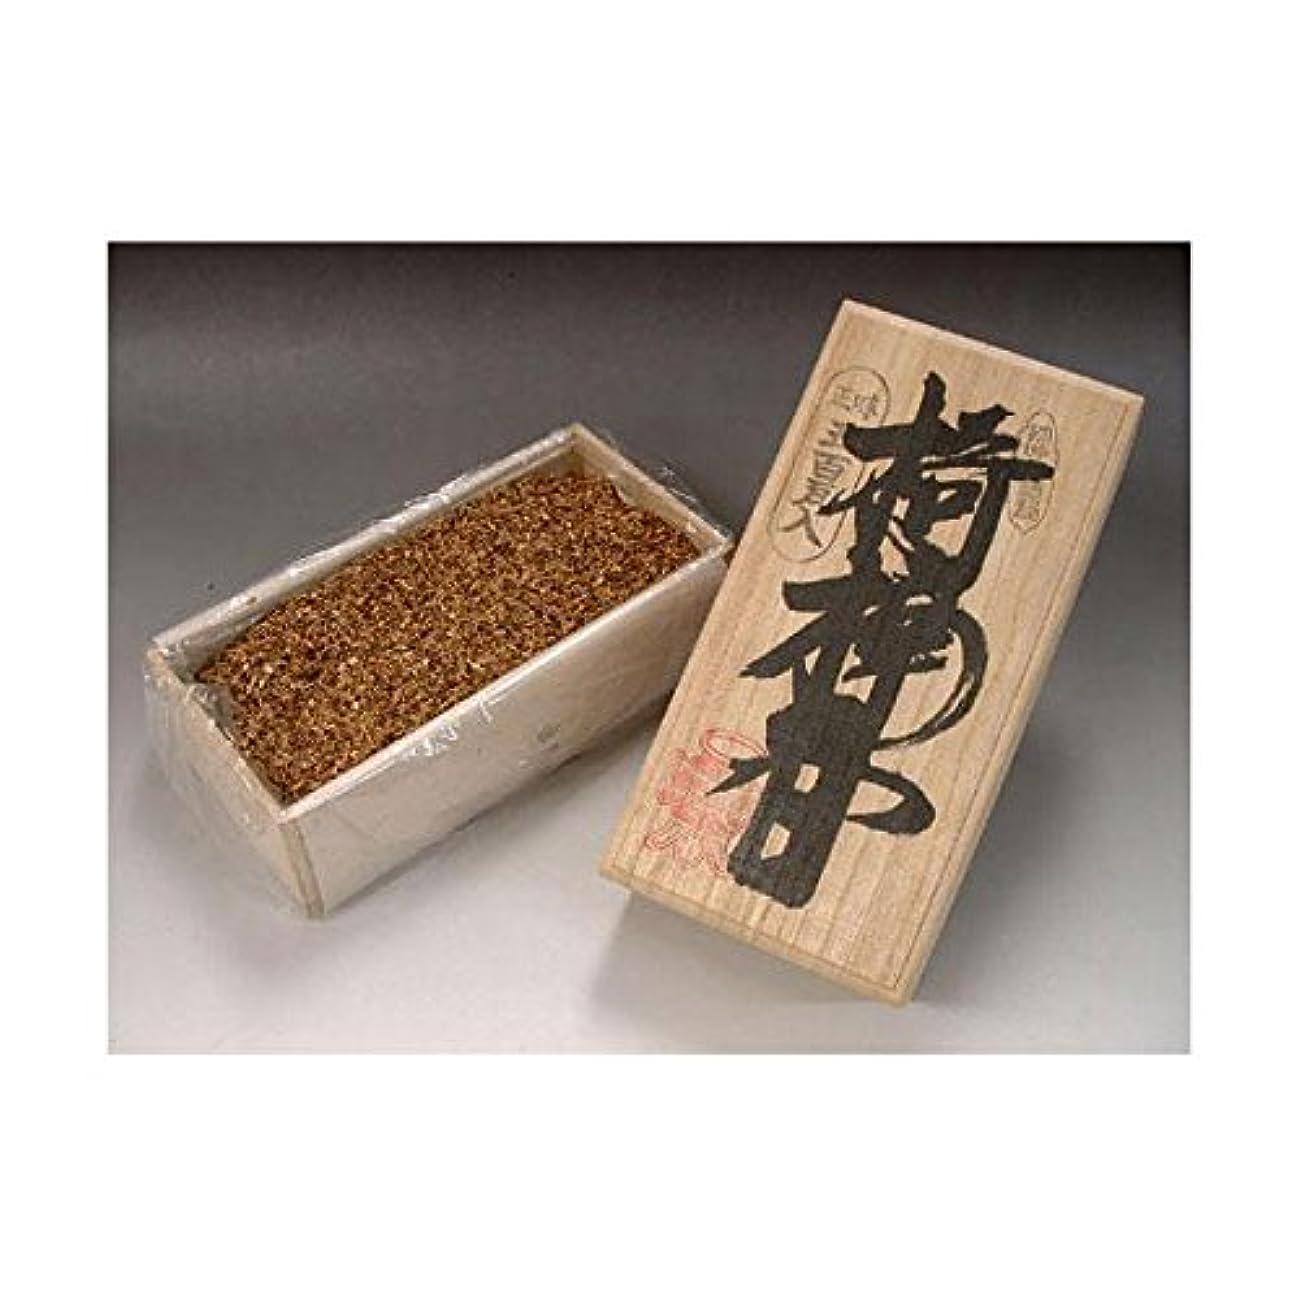 人気のコンペ焦げ焼香 椅楠香(キナンコウ)500g桐箱入